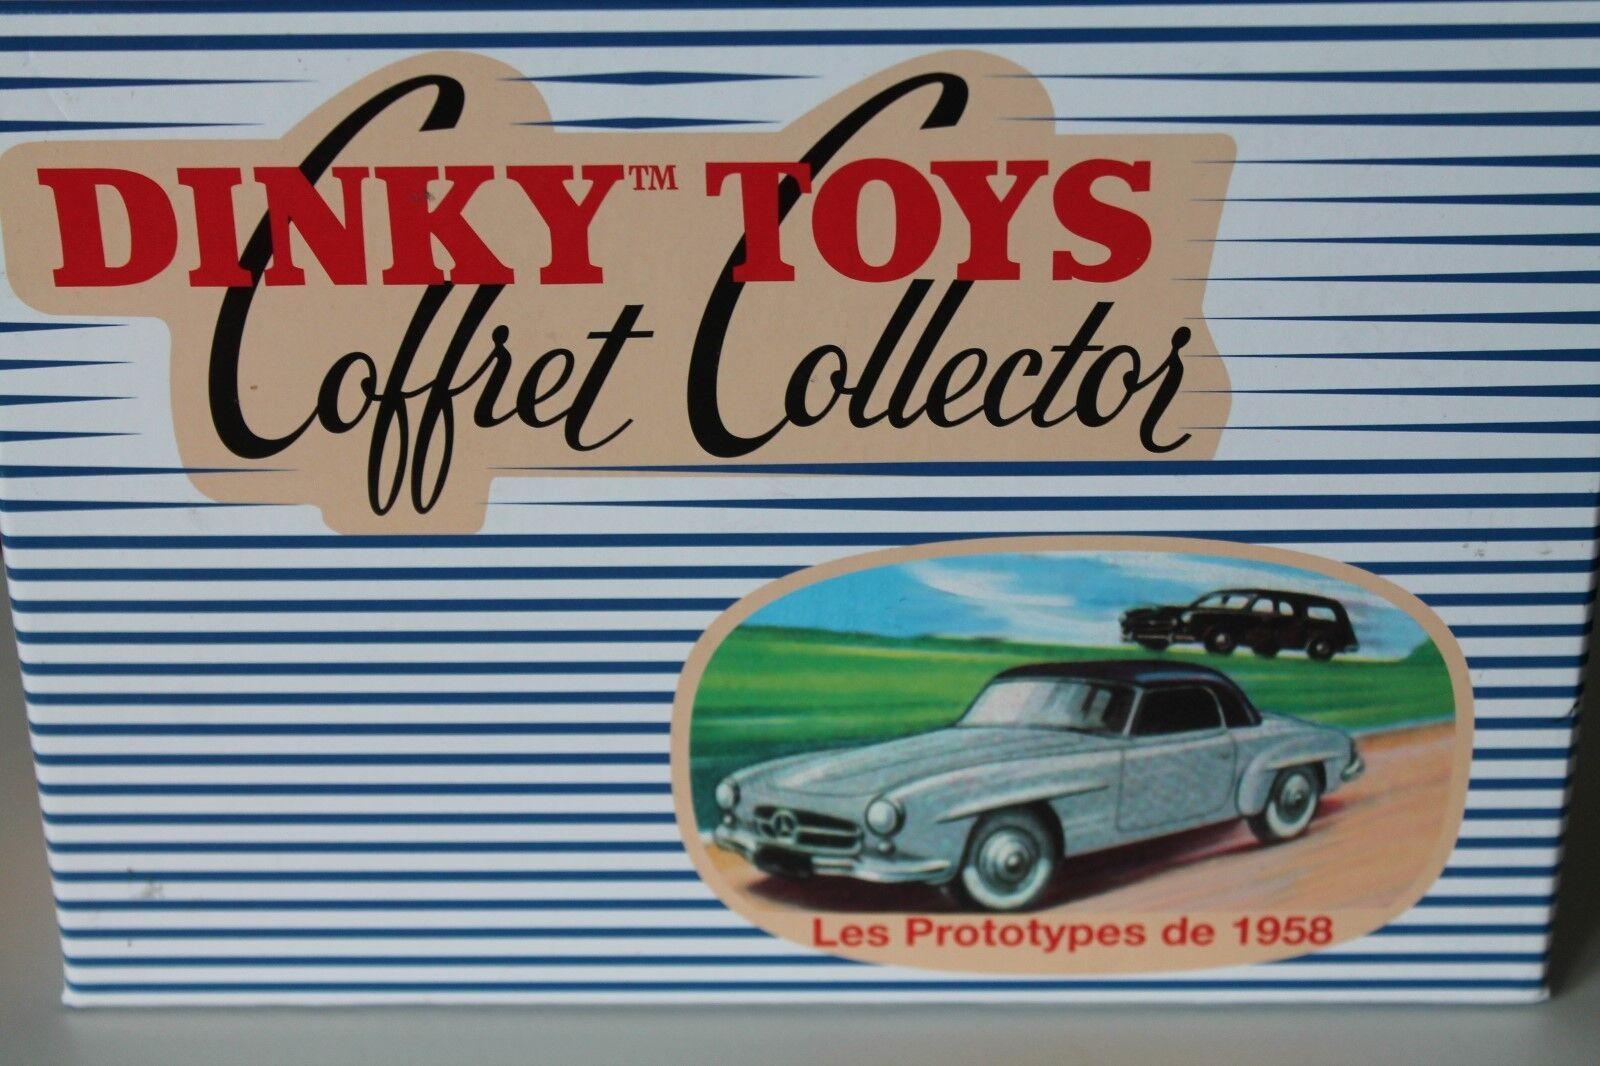 DINKY TOYS  Coffret collector  LES récupérables de 1958  Neuf dans sa boîte  Comme neuf